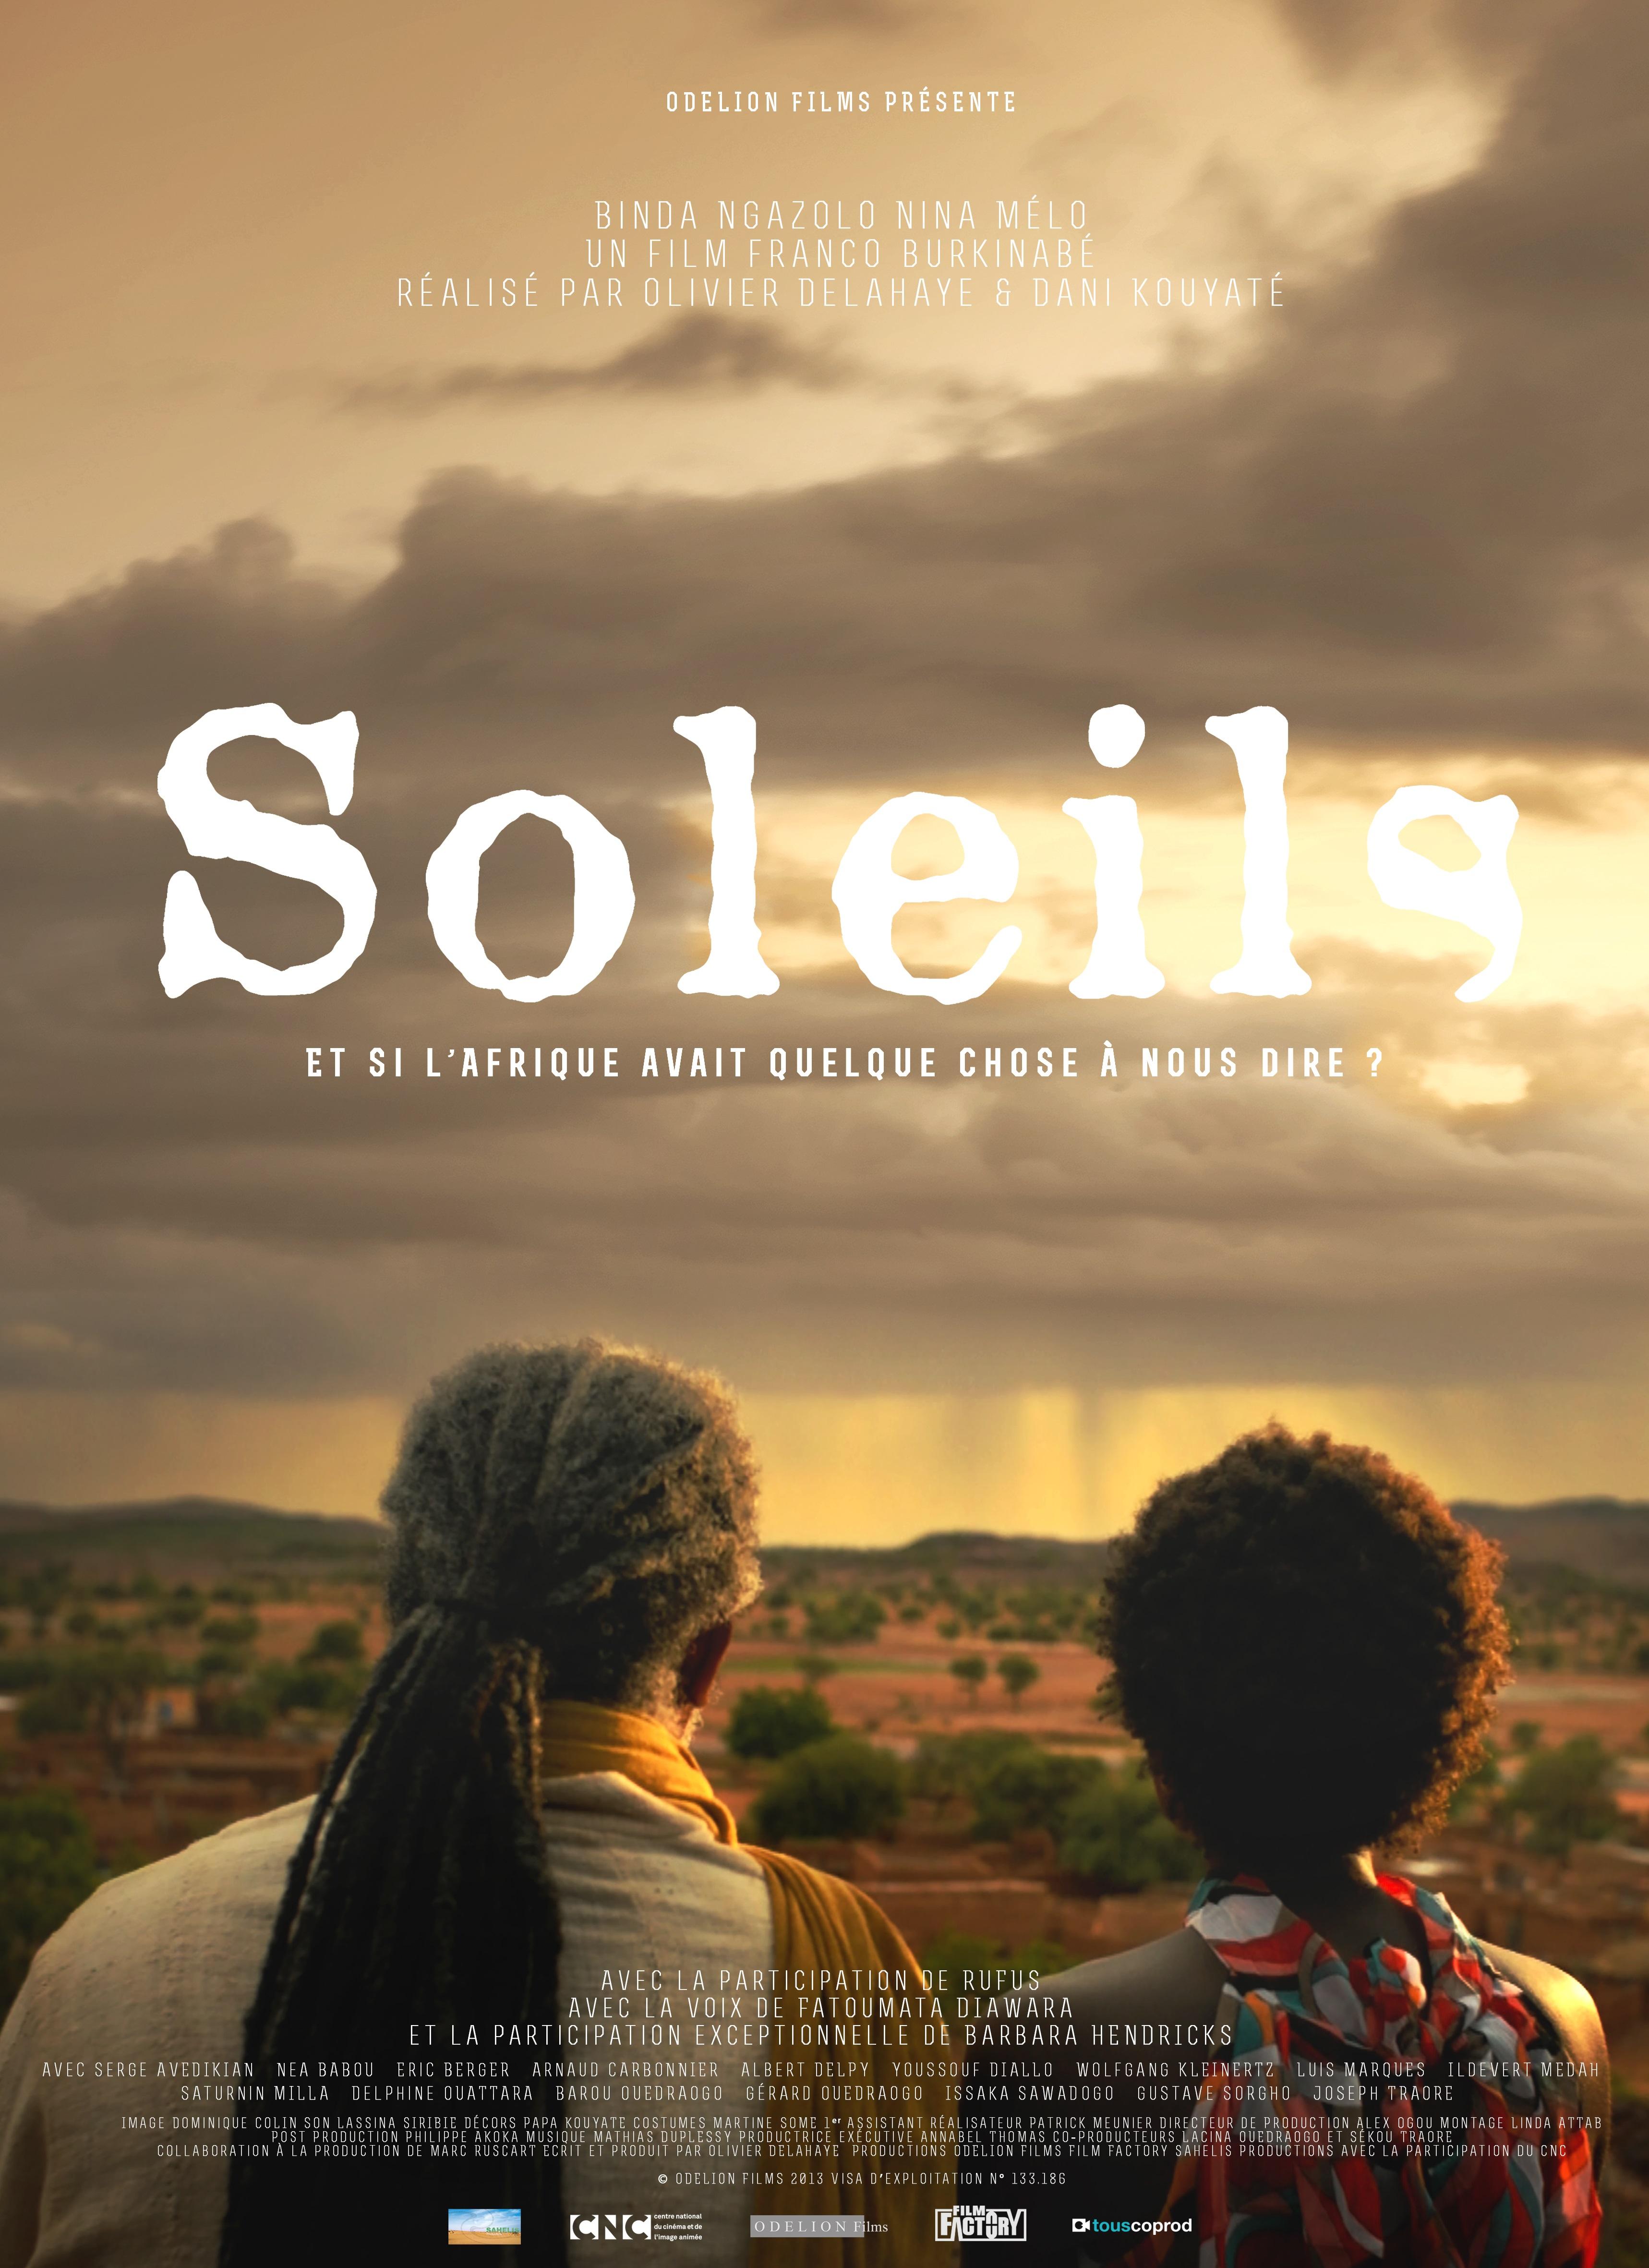 SOLEILS Affiche-Poster 140306 LowRes